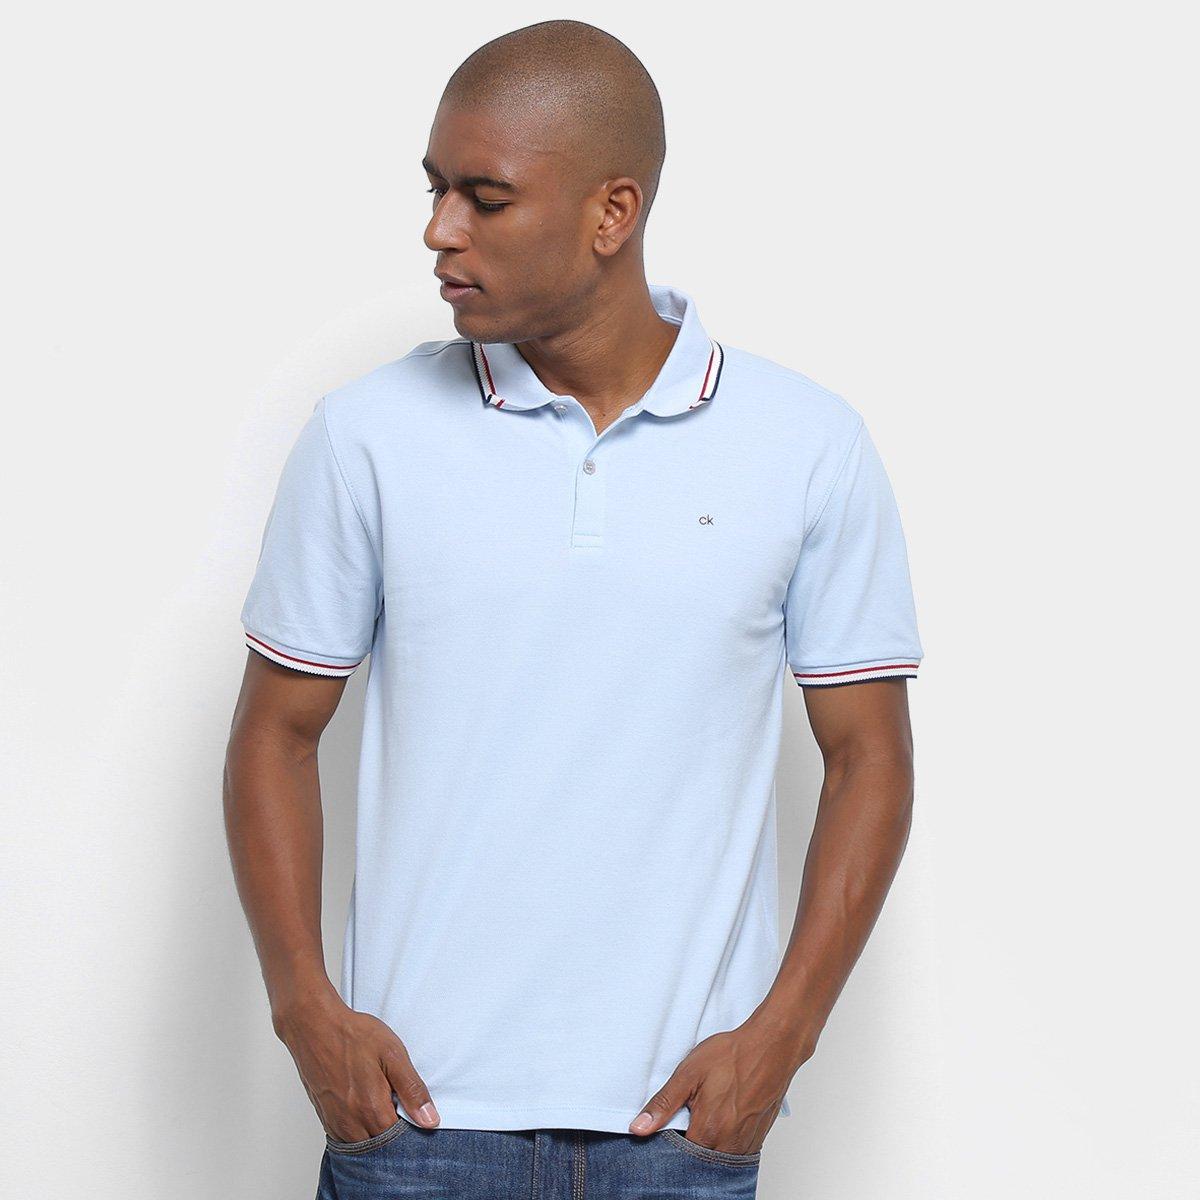 922d443e7 Camisa Polo Calvin Klein Masculino Mc Regular Ponto Espinha CM9OW02PR.